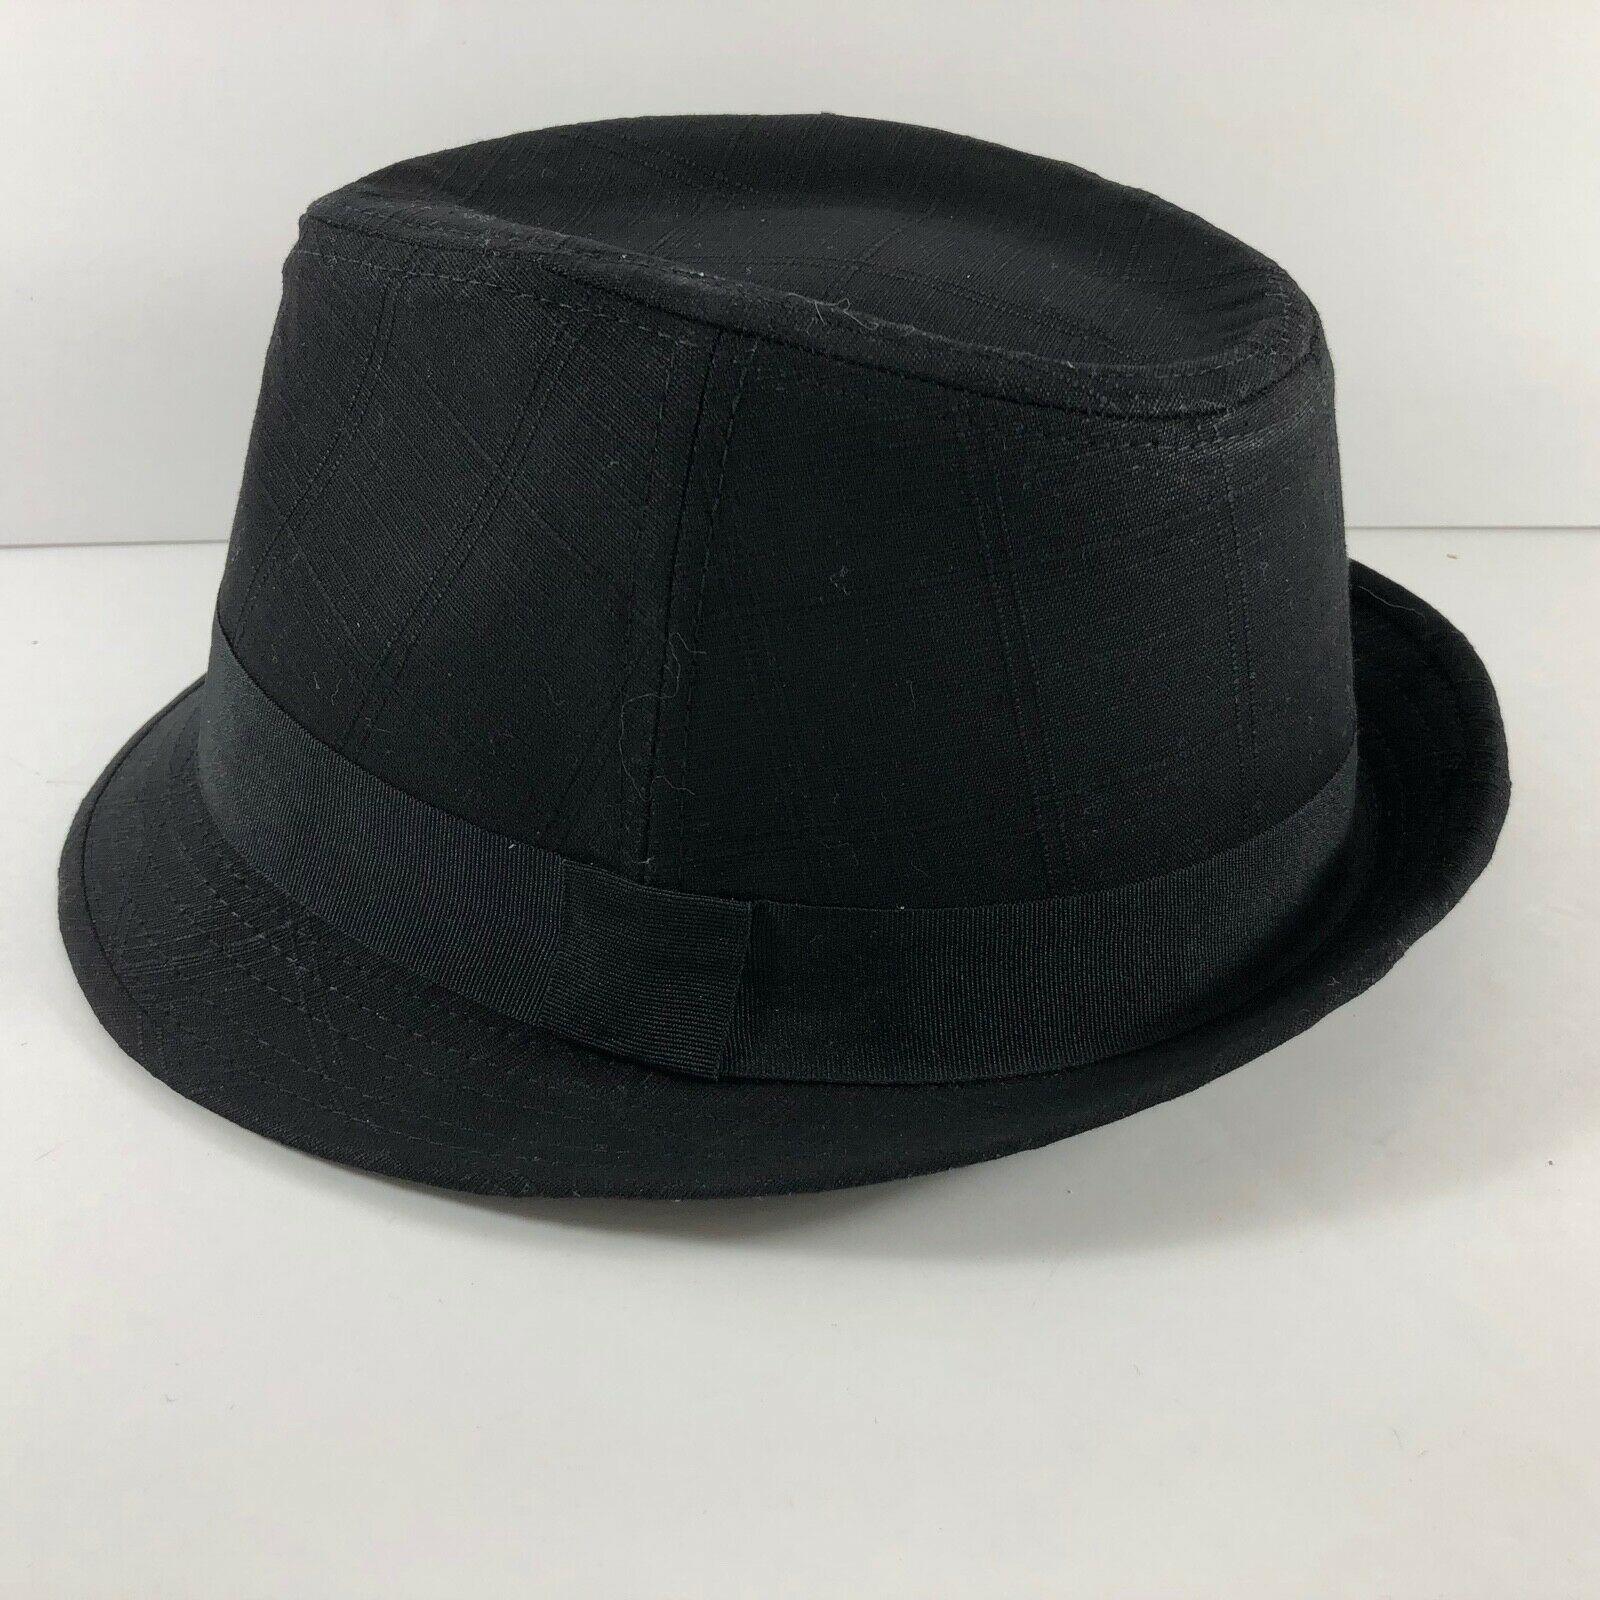 Vintage DPC Authentic cotton linen Black Fedora Hat sz L Handmade Headwear image 2